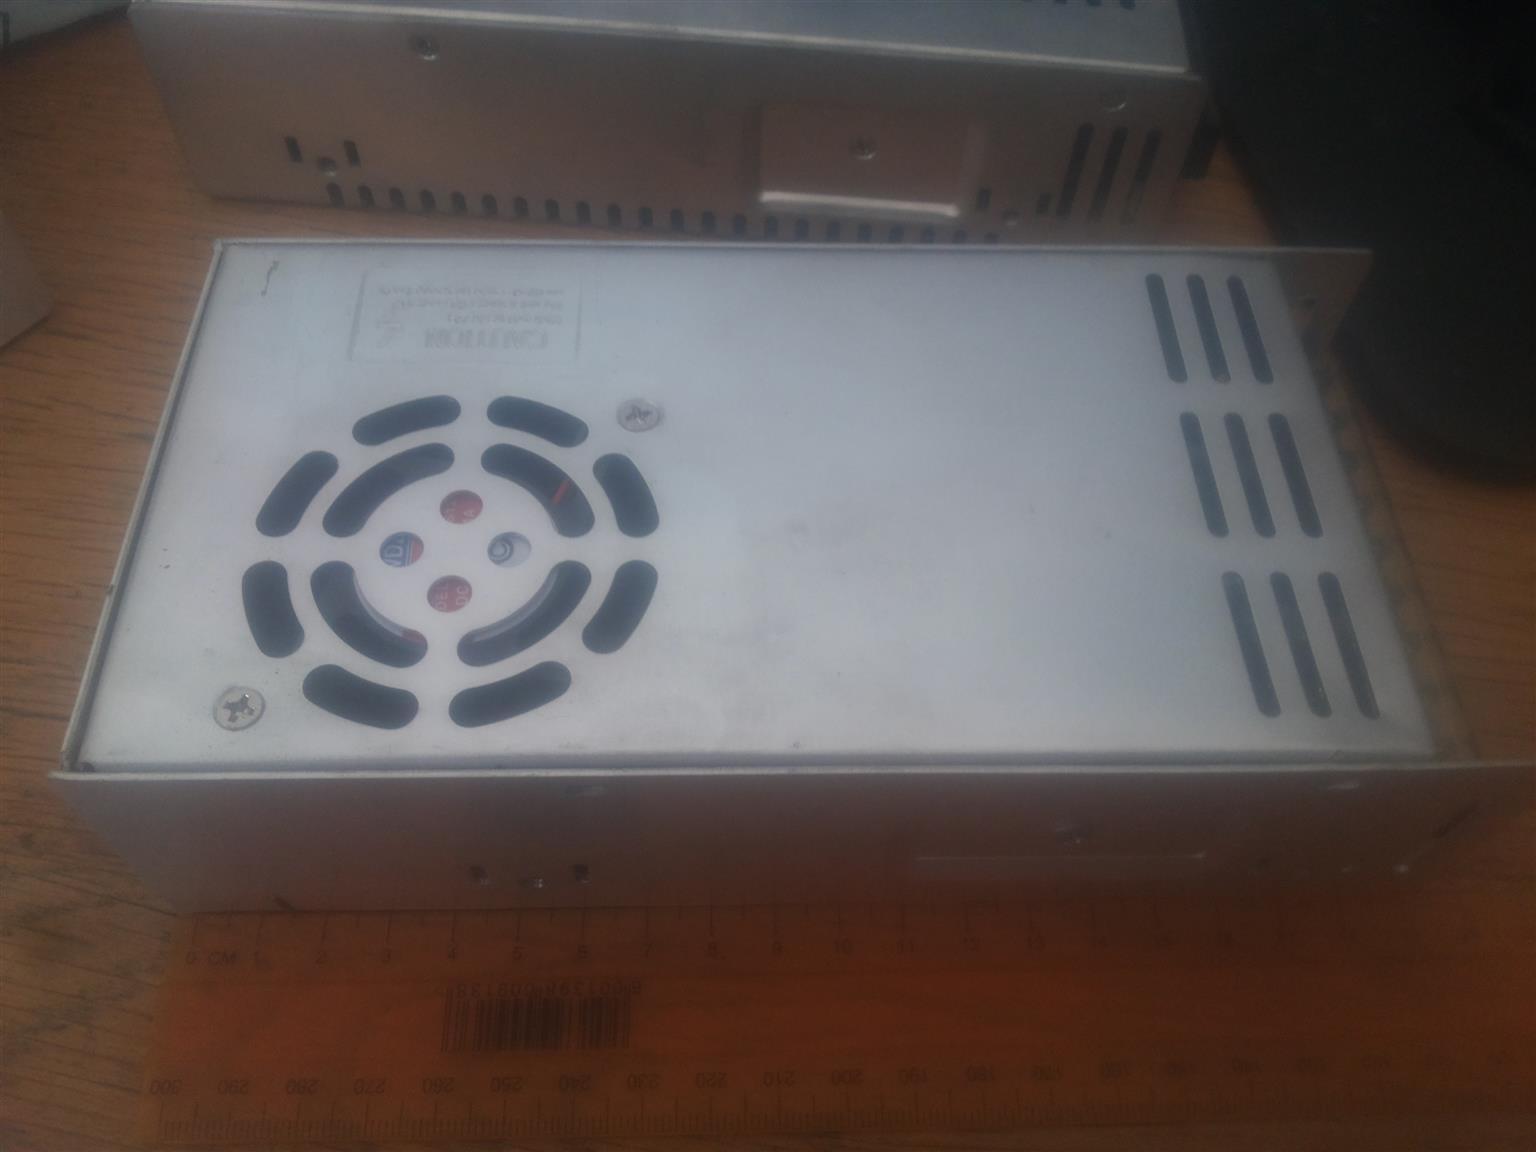 1 x POWER SUPPLY 220 V AC TO 12 V DC 29.2 AMPS